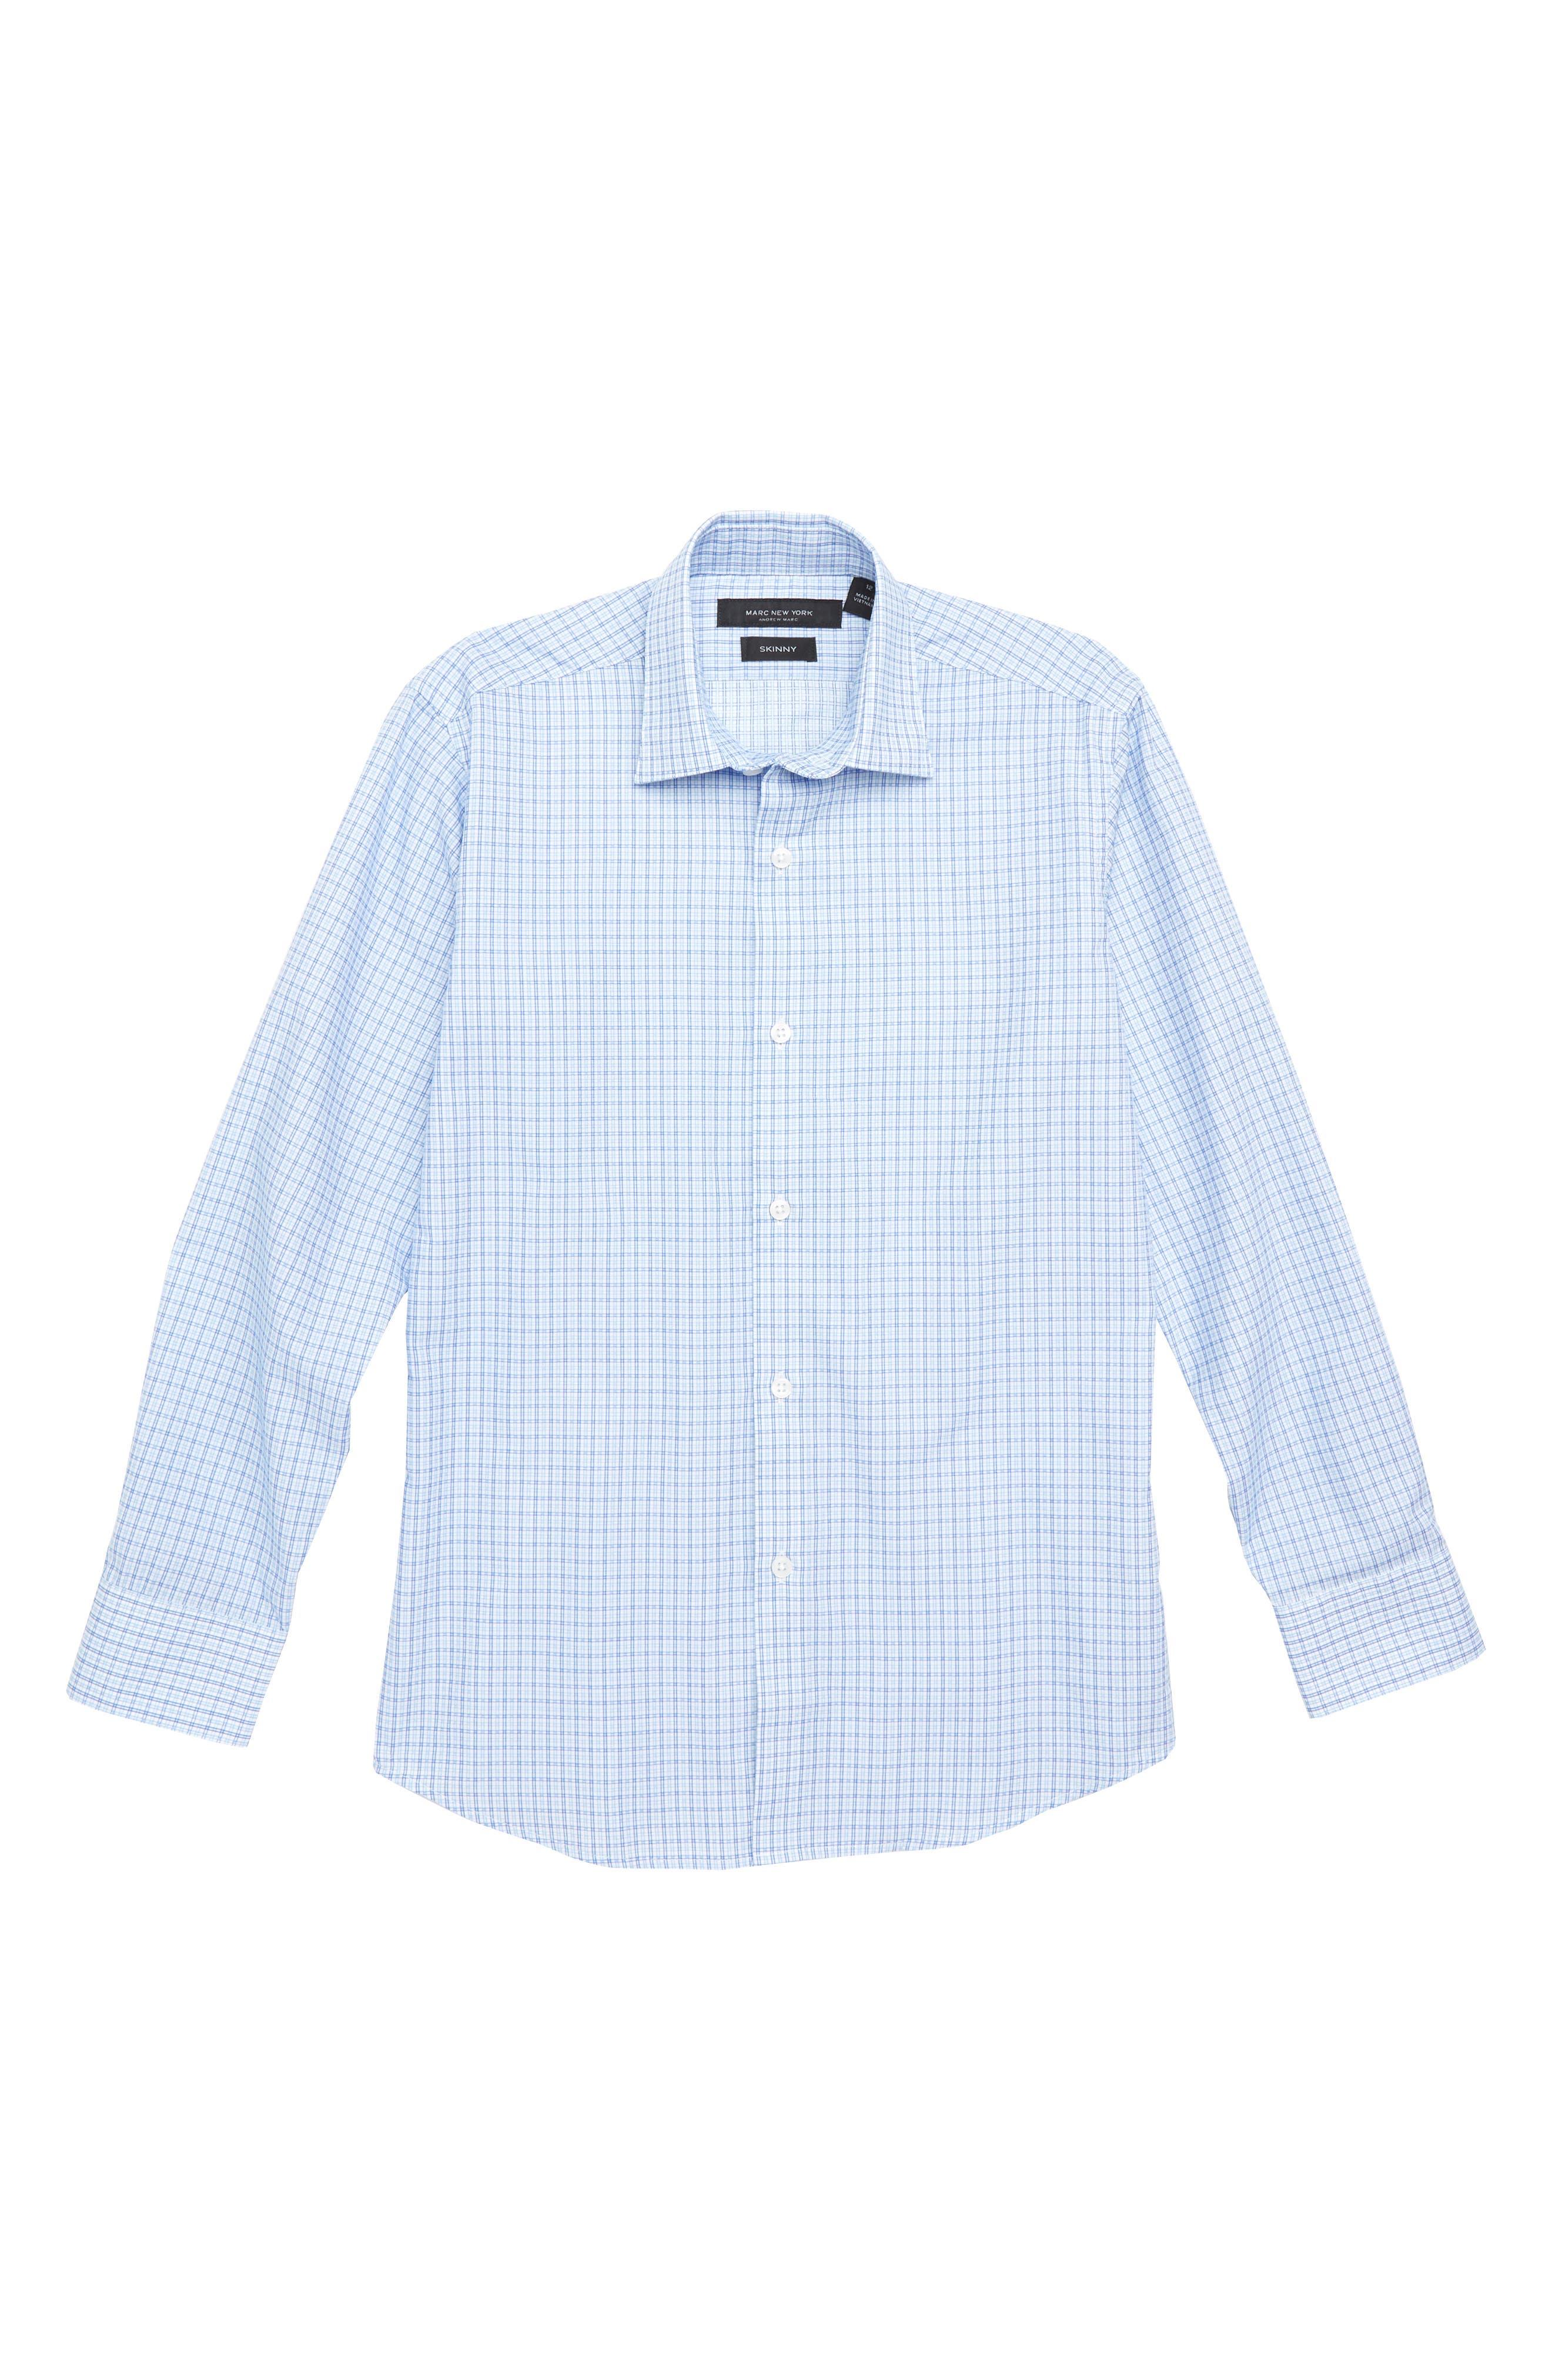 Check Dress Shirt,                             Main thumbnail 1, color,                             Royal Blue